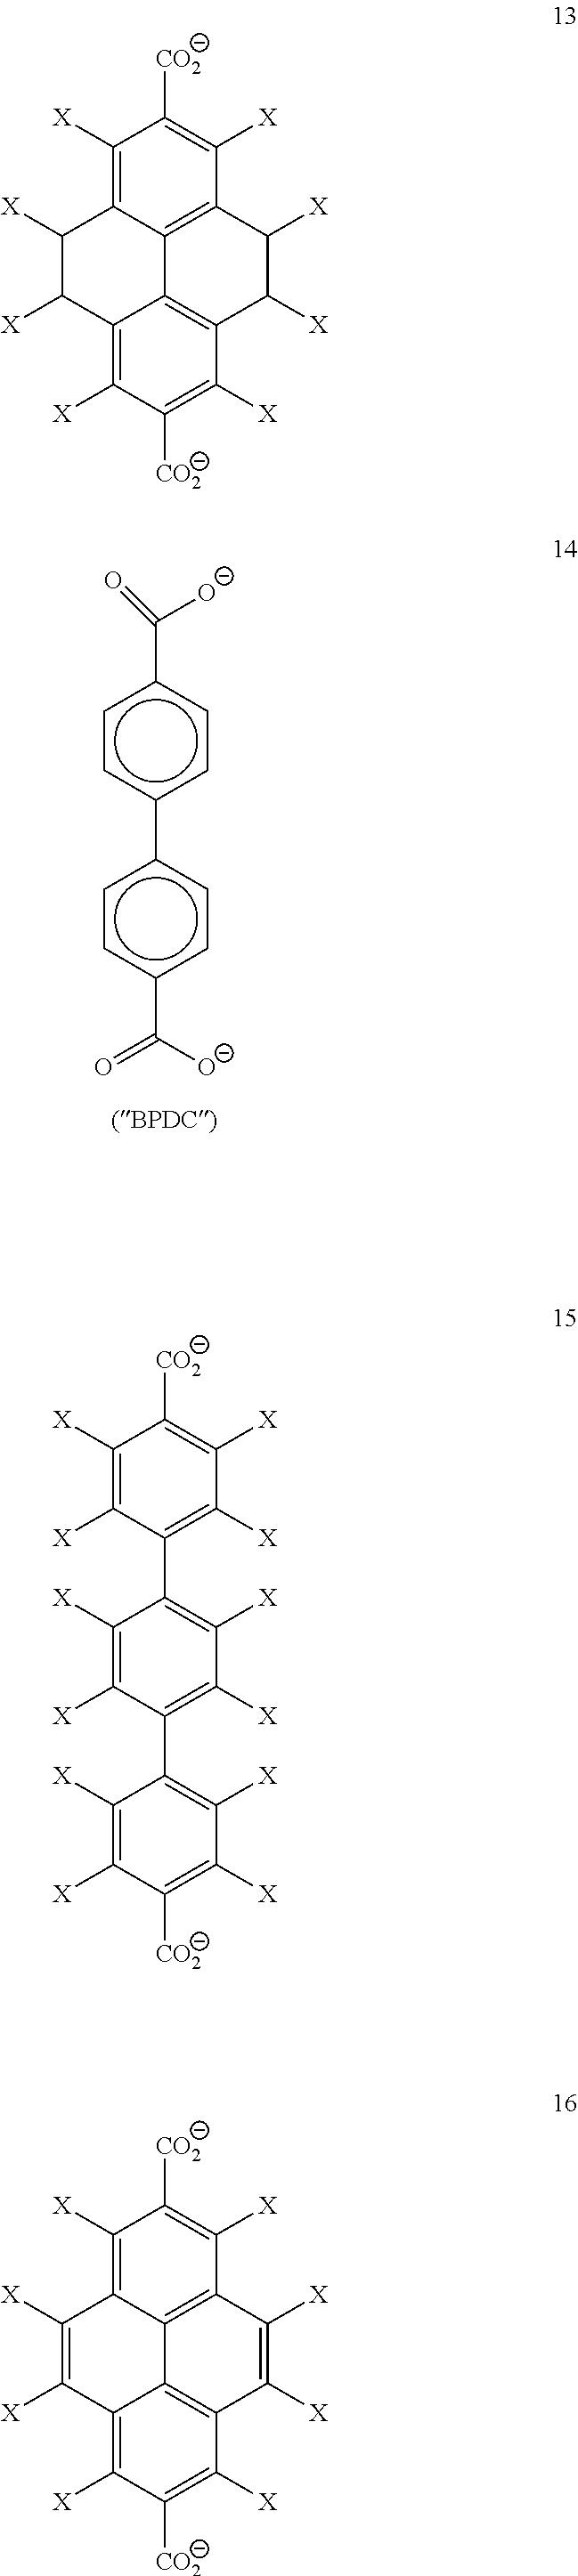 Figure US20180201629A1-20180719-C00003